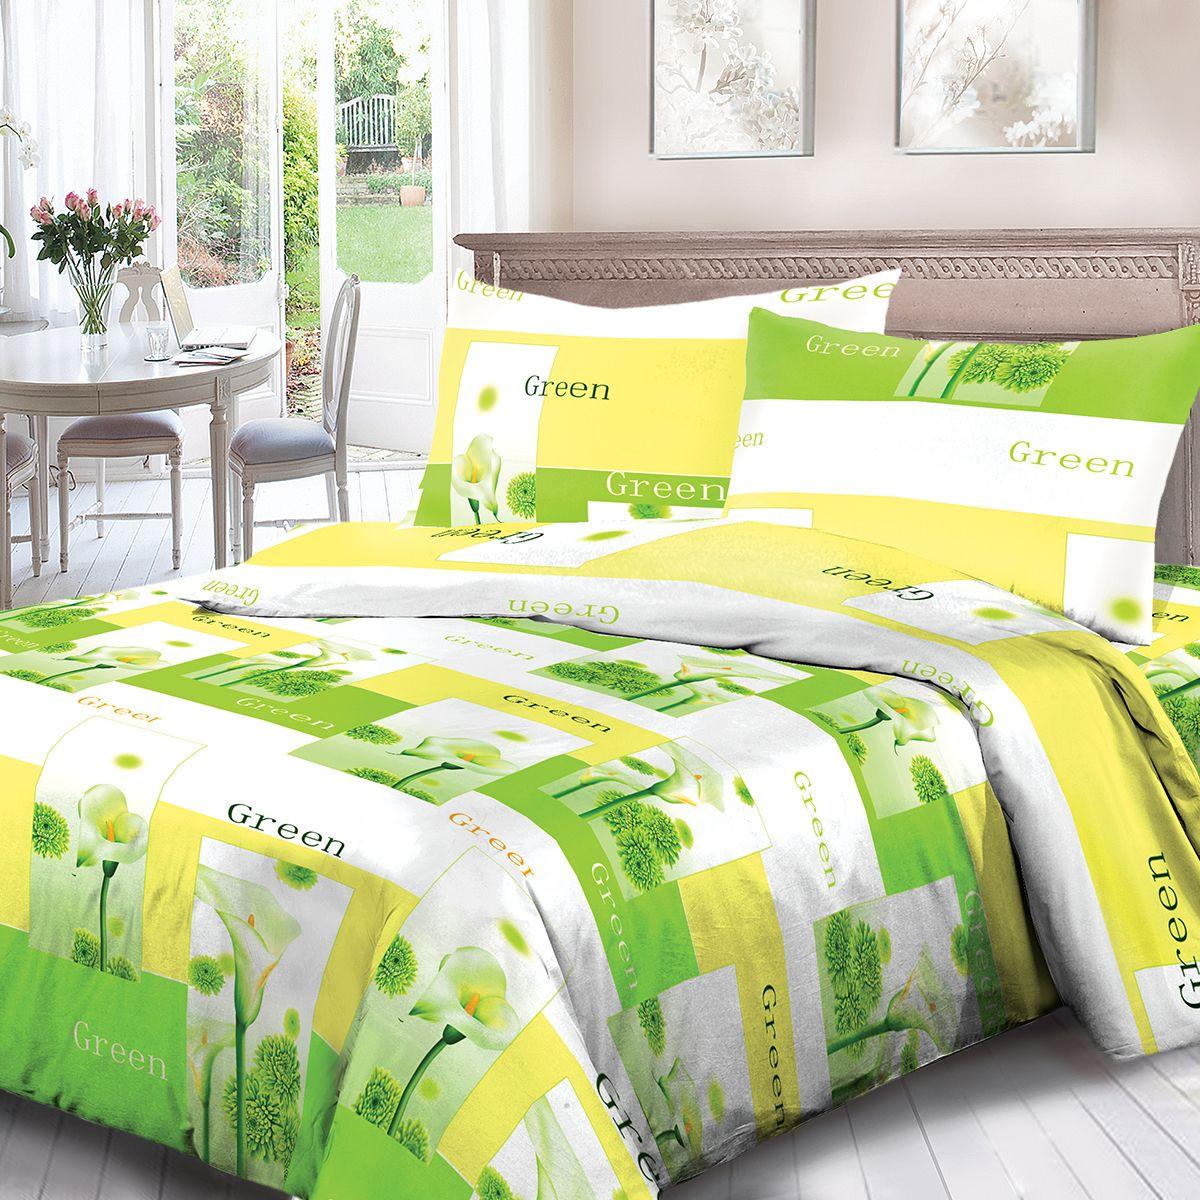 Комплект белья Для Снов Green, семейный, наволочки 70x70, цвет: зеленый. 1537-184348